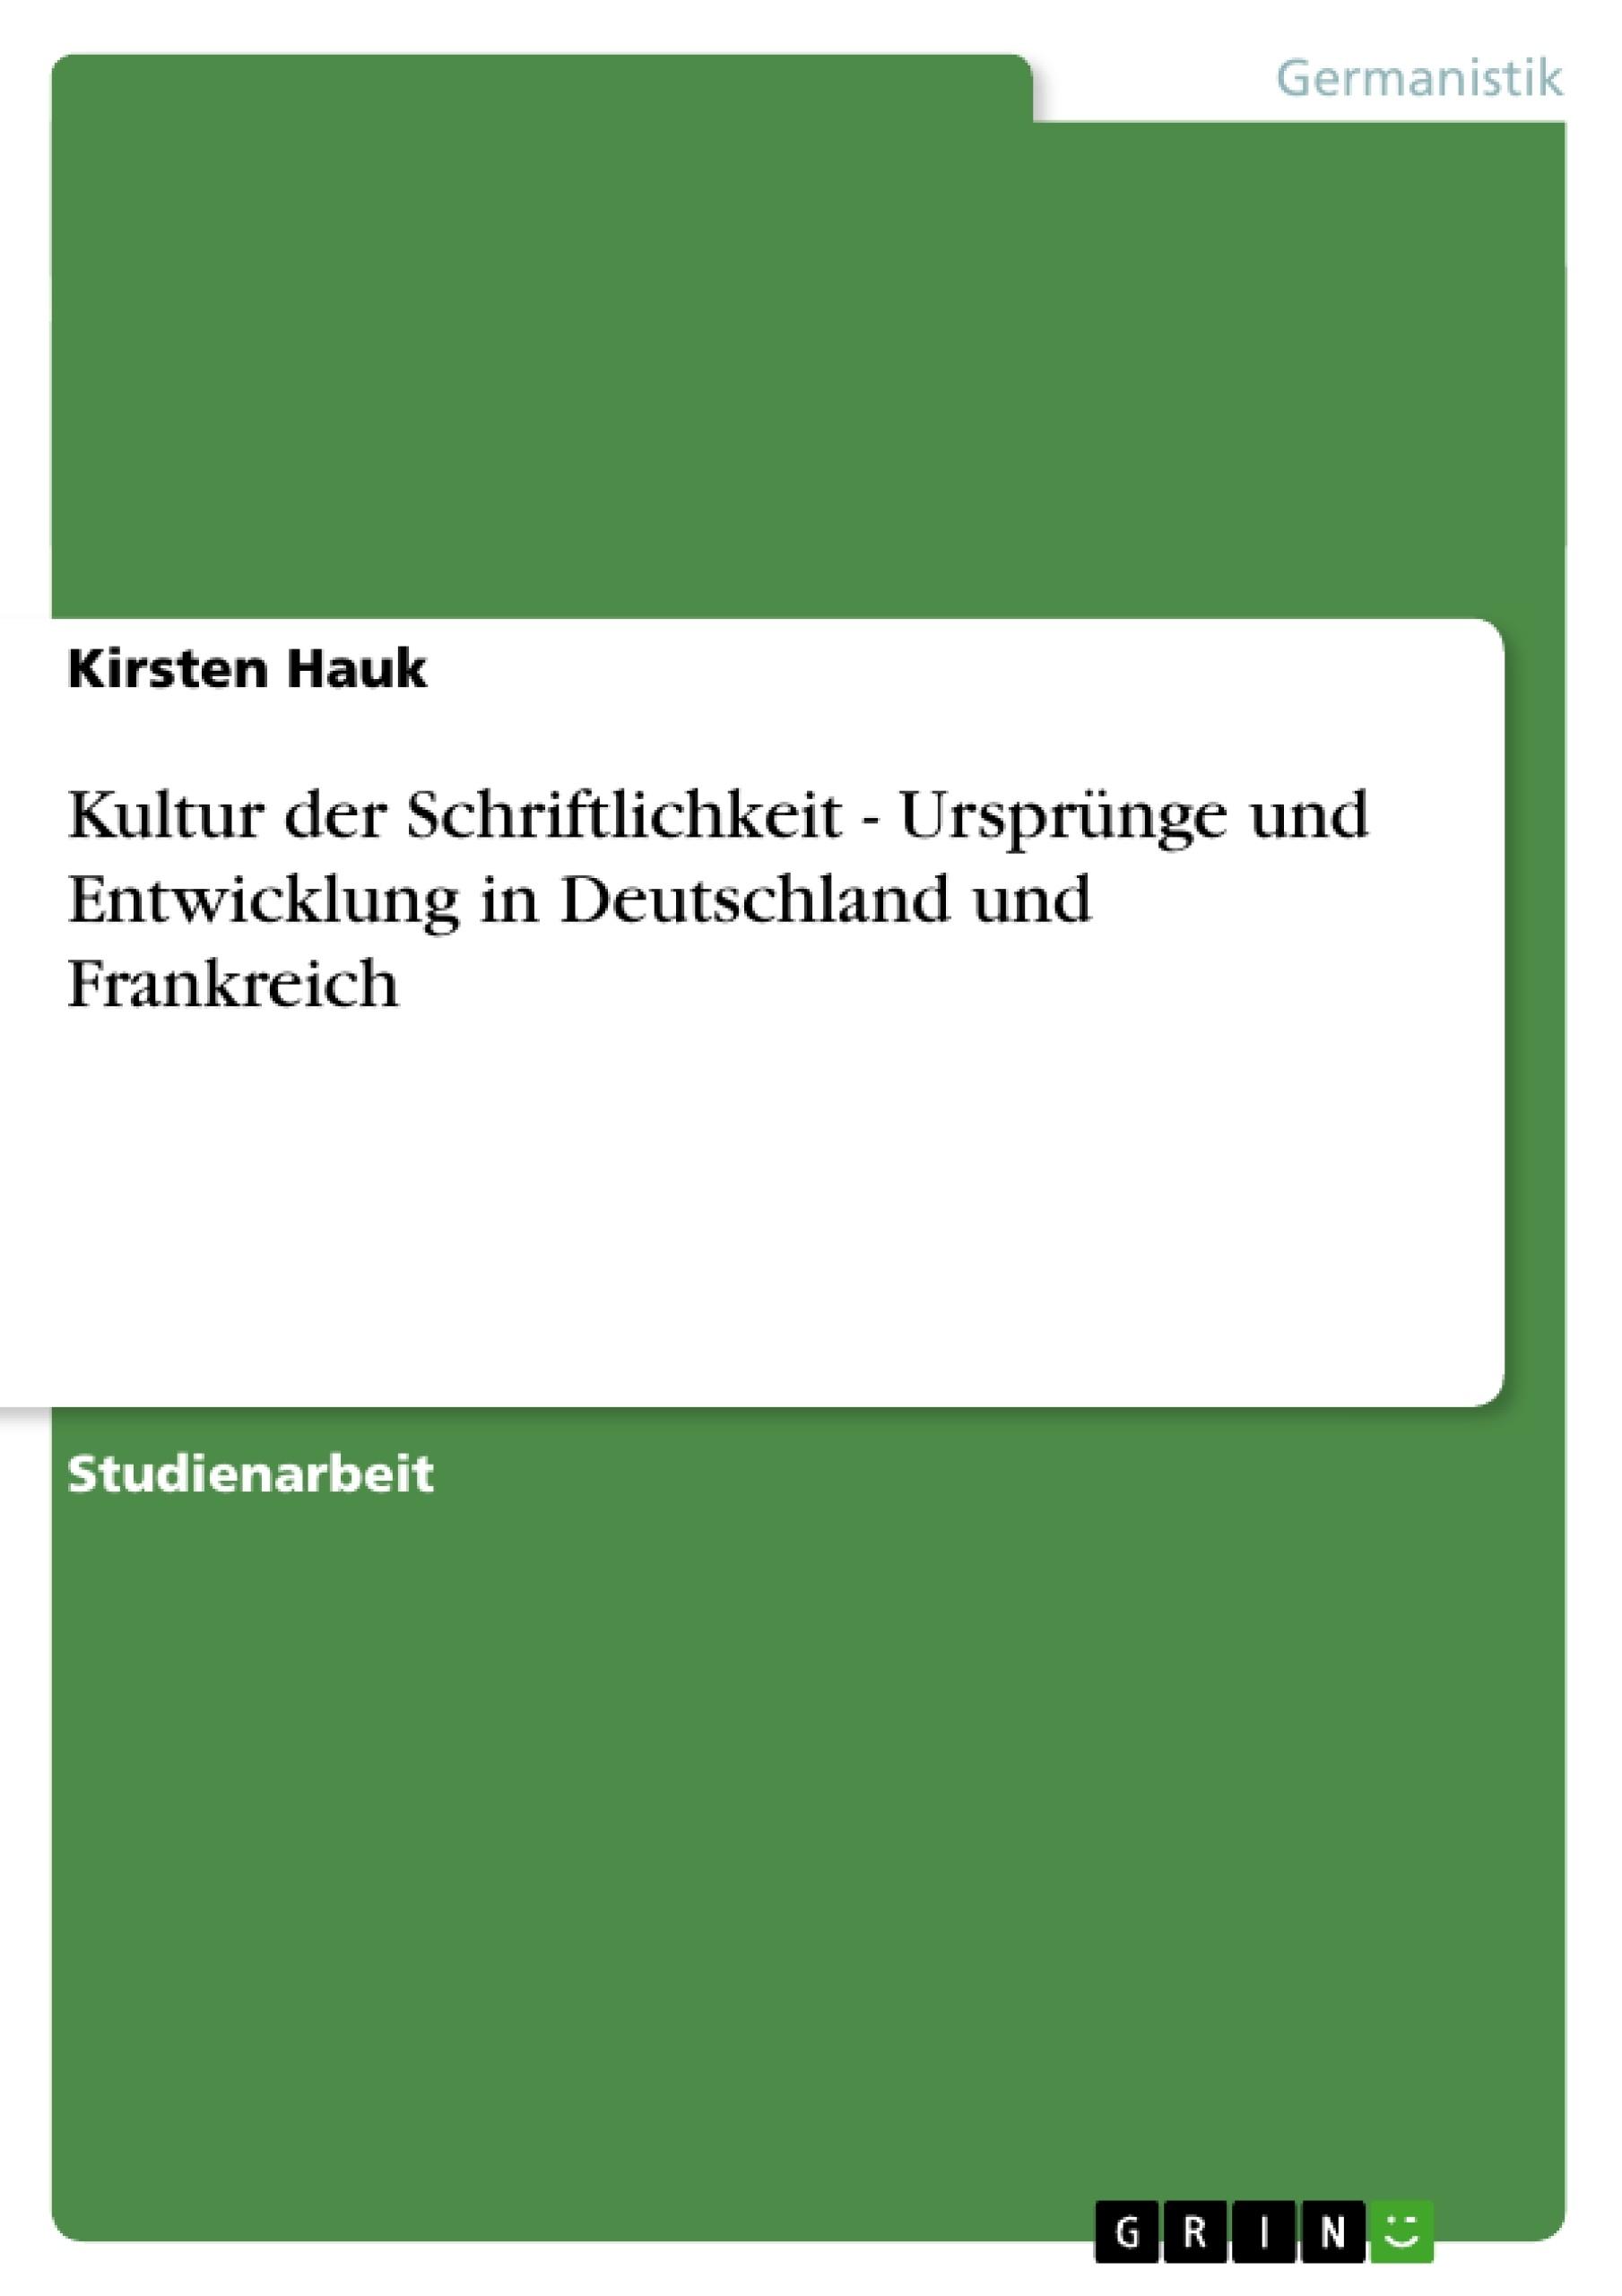 Titel: Kultur der Schriftlichkeit - Ursprünge und Entwicklung in Deutschland und Frankreich